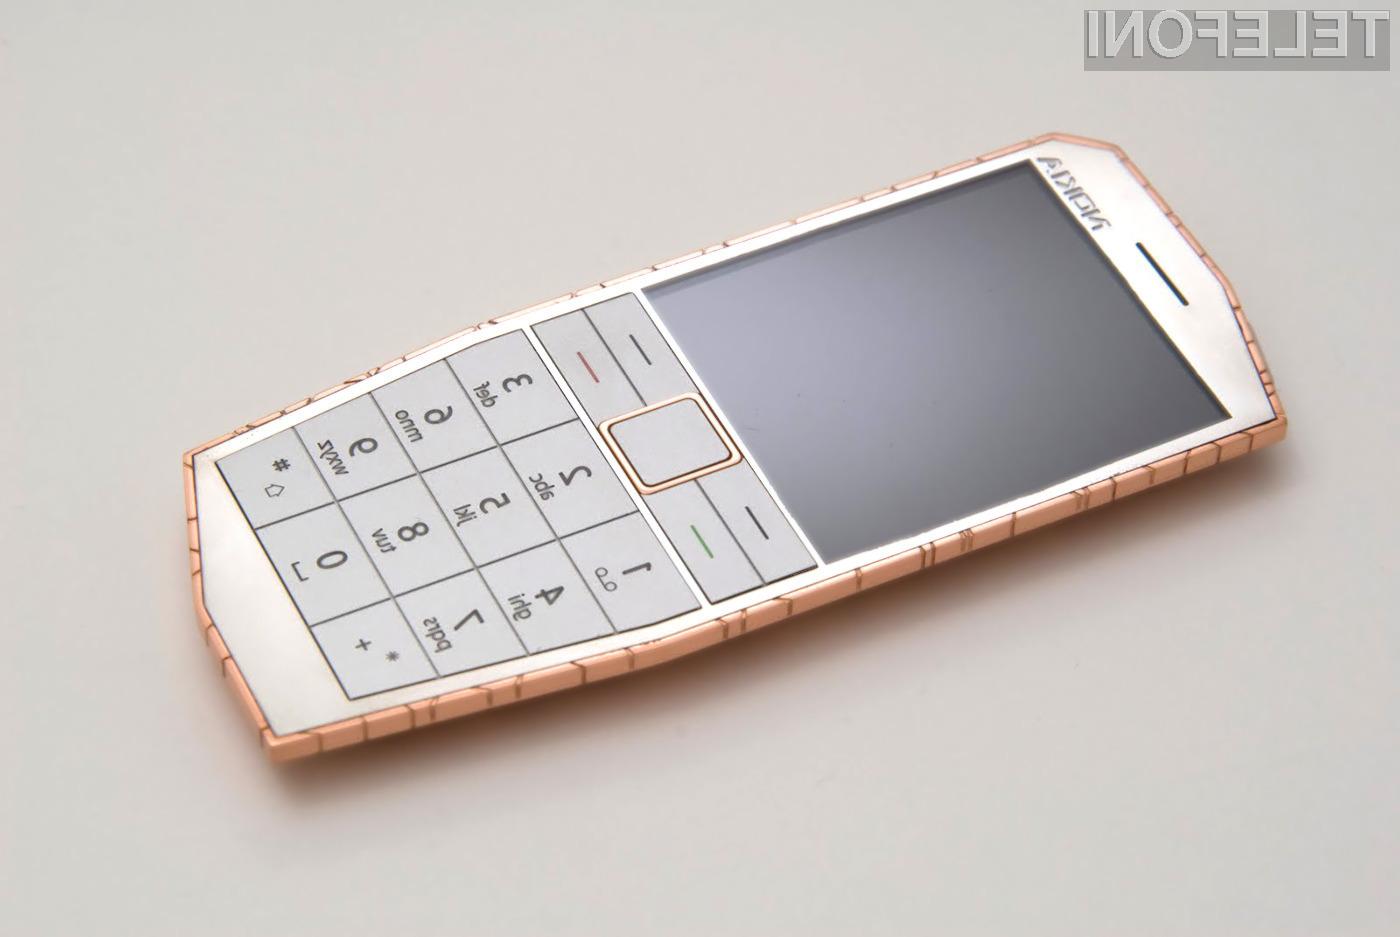 1. Nokia E-Cu